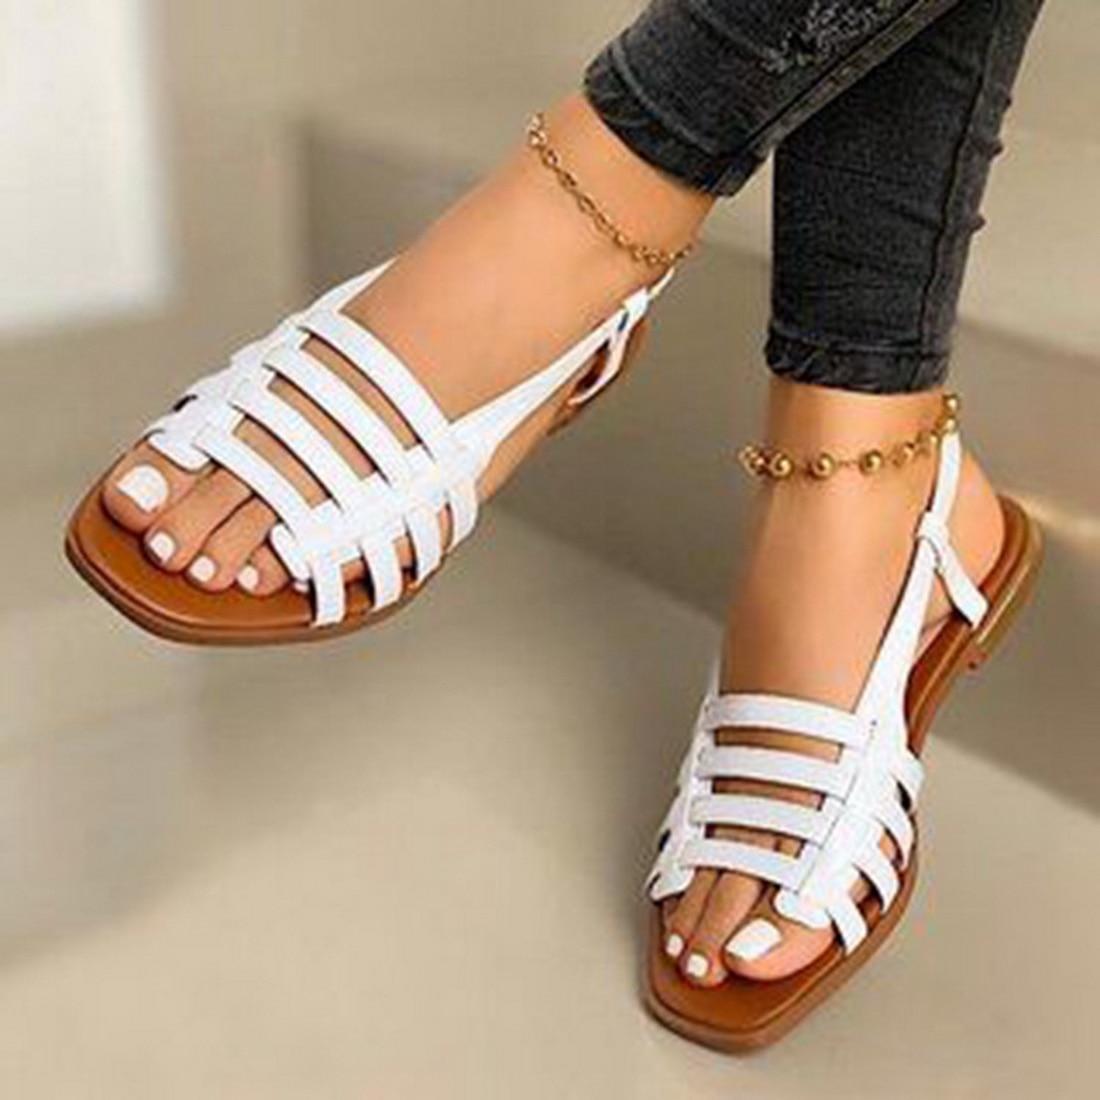 Сандалии женские в римском стиле, плоская подошва, открытый носок, Повседневная пляжная Уличная обувь, гладиаторы, летние